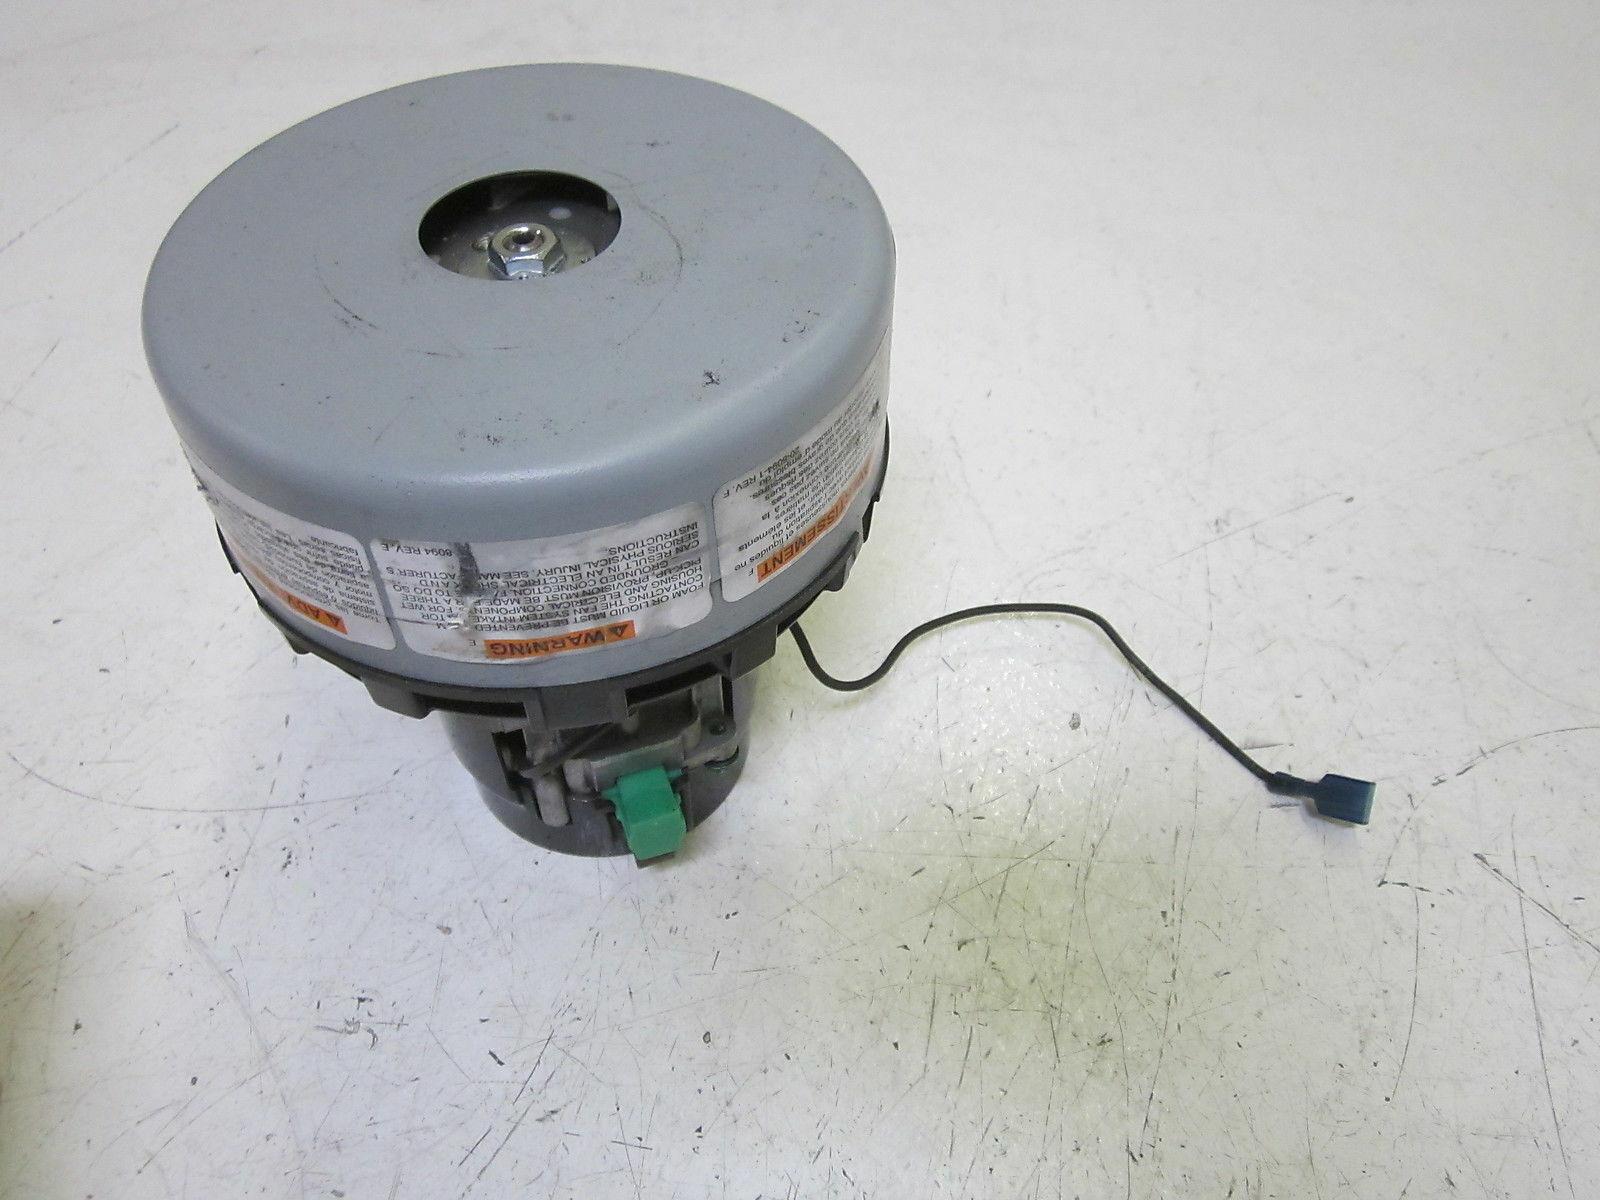 LAMB ELECTRONIC 116757-13 VACUUM MOTOR 120V  USED